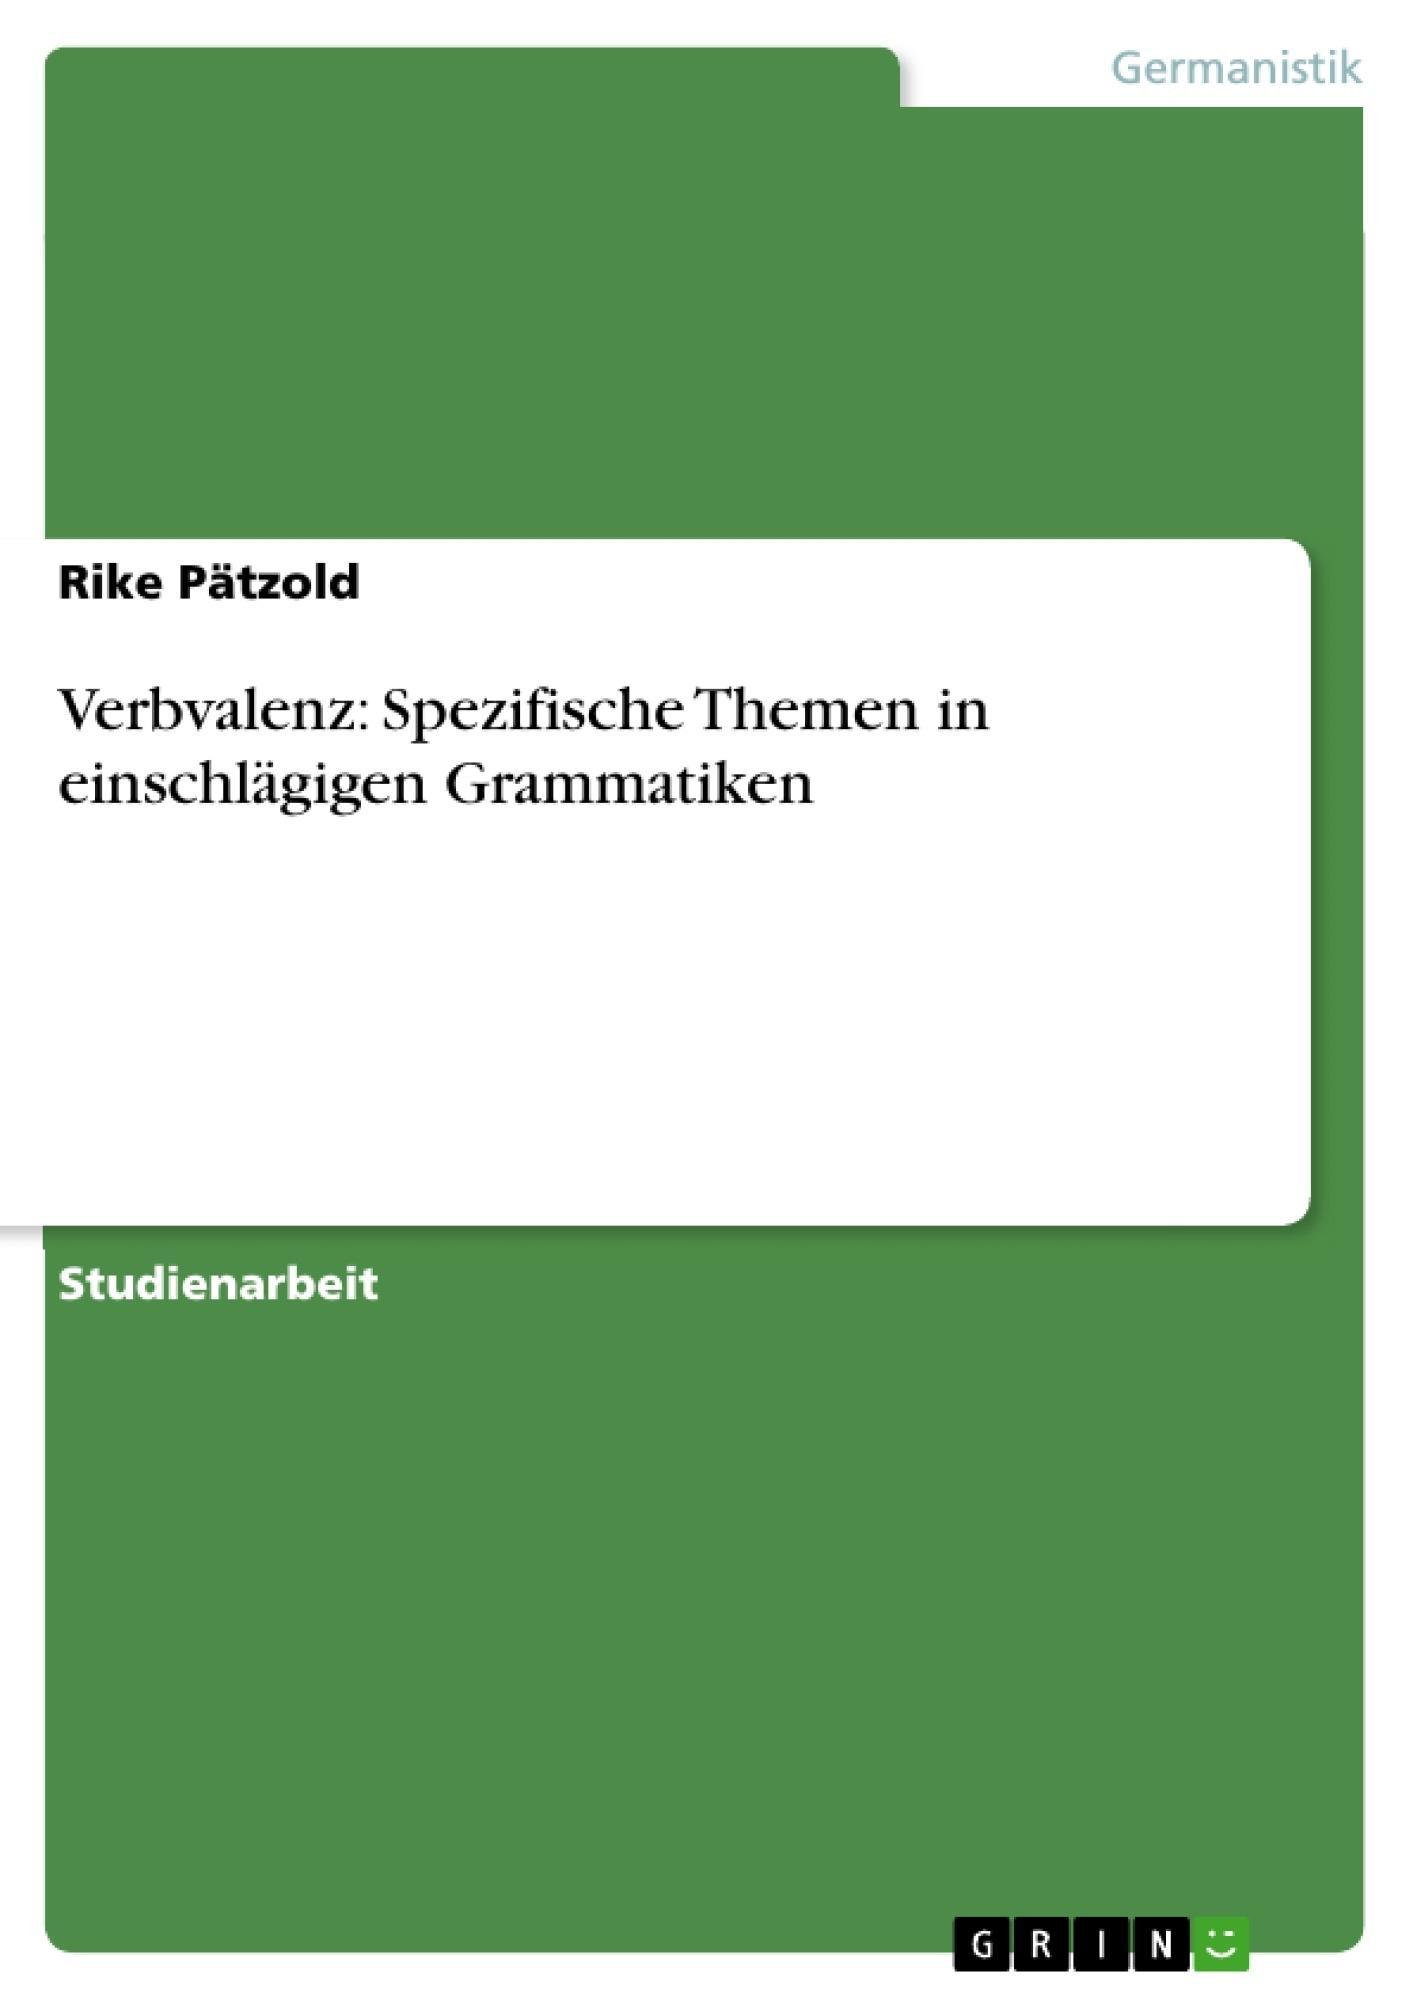 Titel: Verbvalenz: Spezifische Themen in einschlägigen Grammatiken